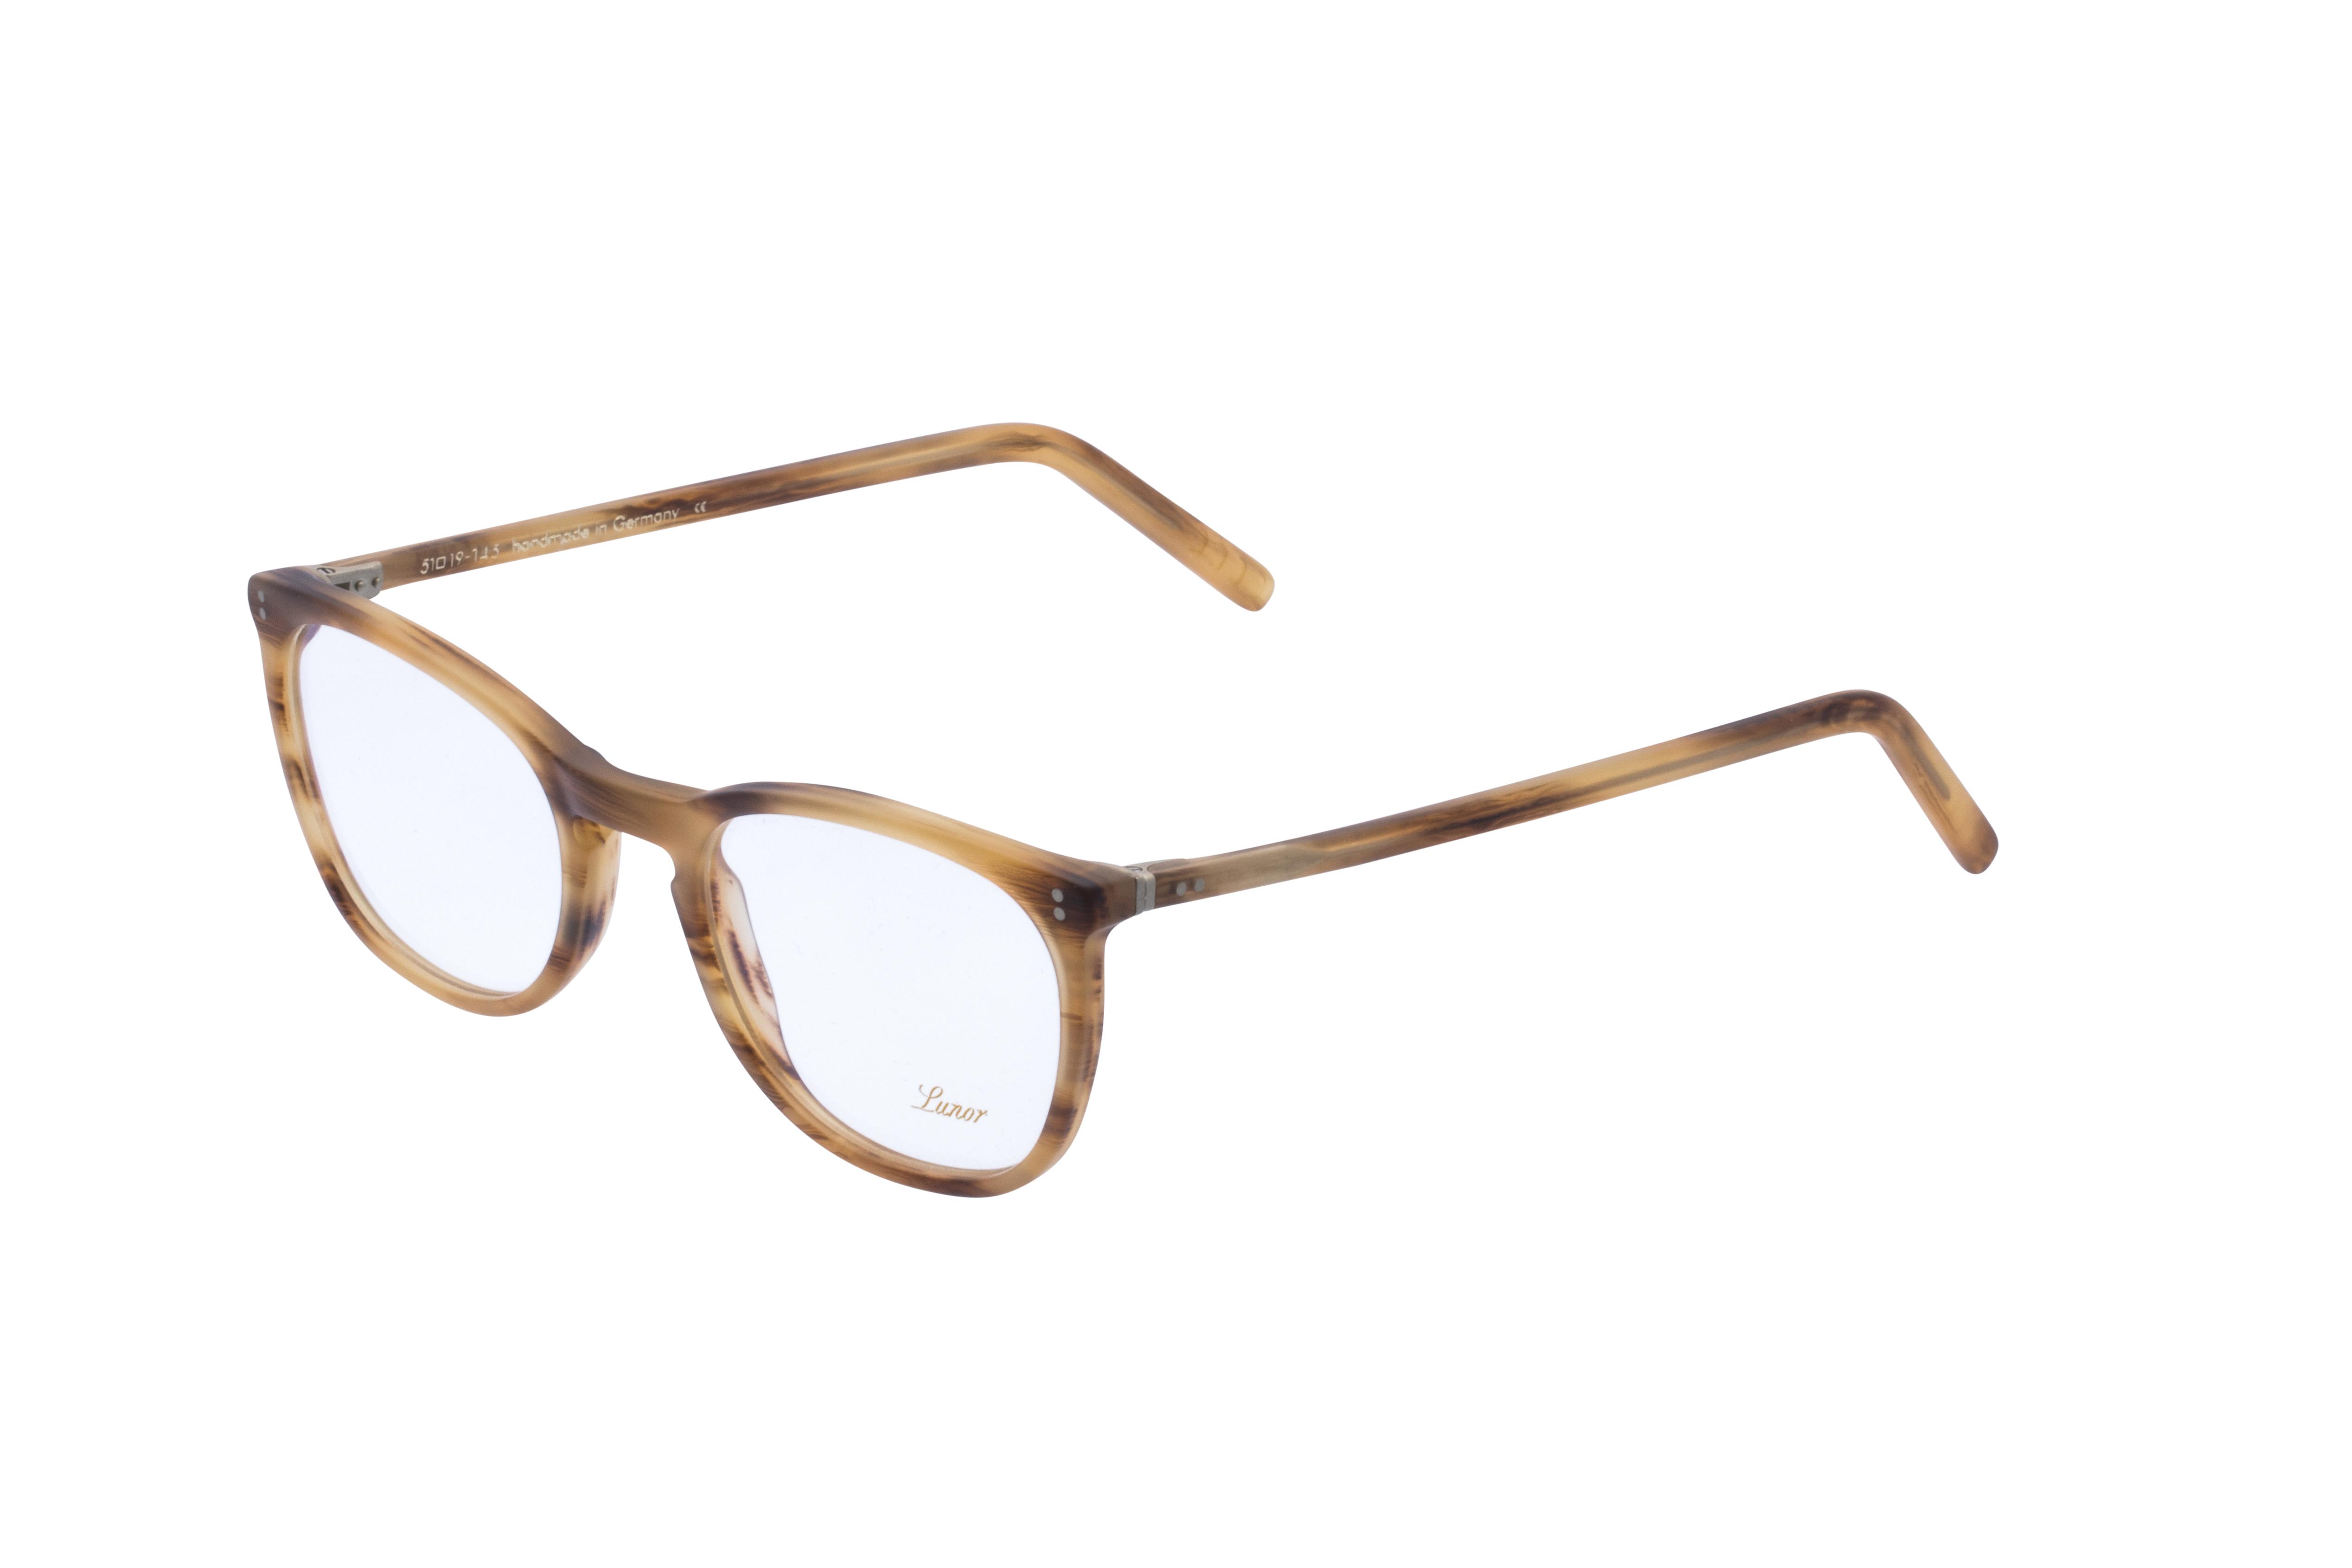 360 Grad Ansicht 21 Lunor 312, Brille auf Weiß - Fassung bei KUNK